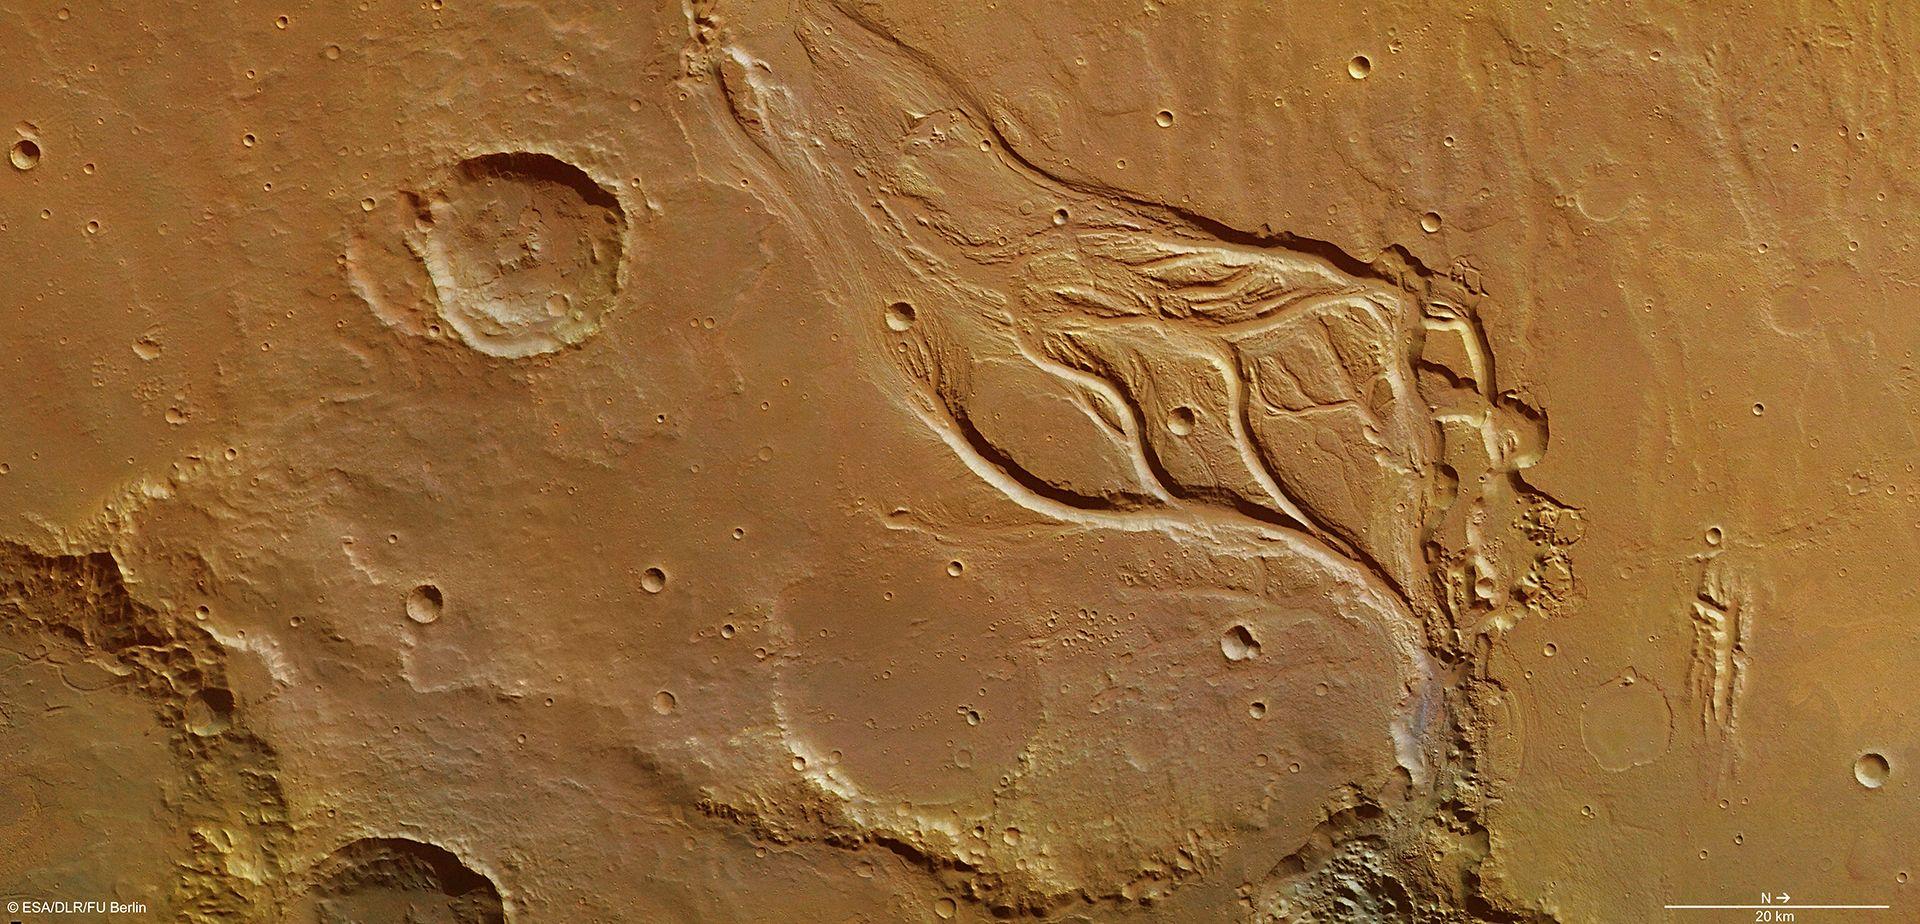 Osuga Valles - Mars